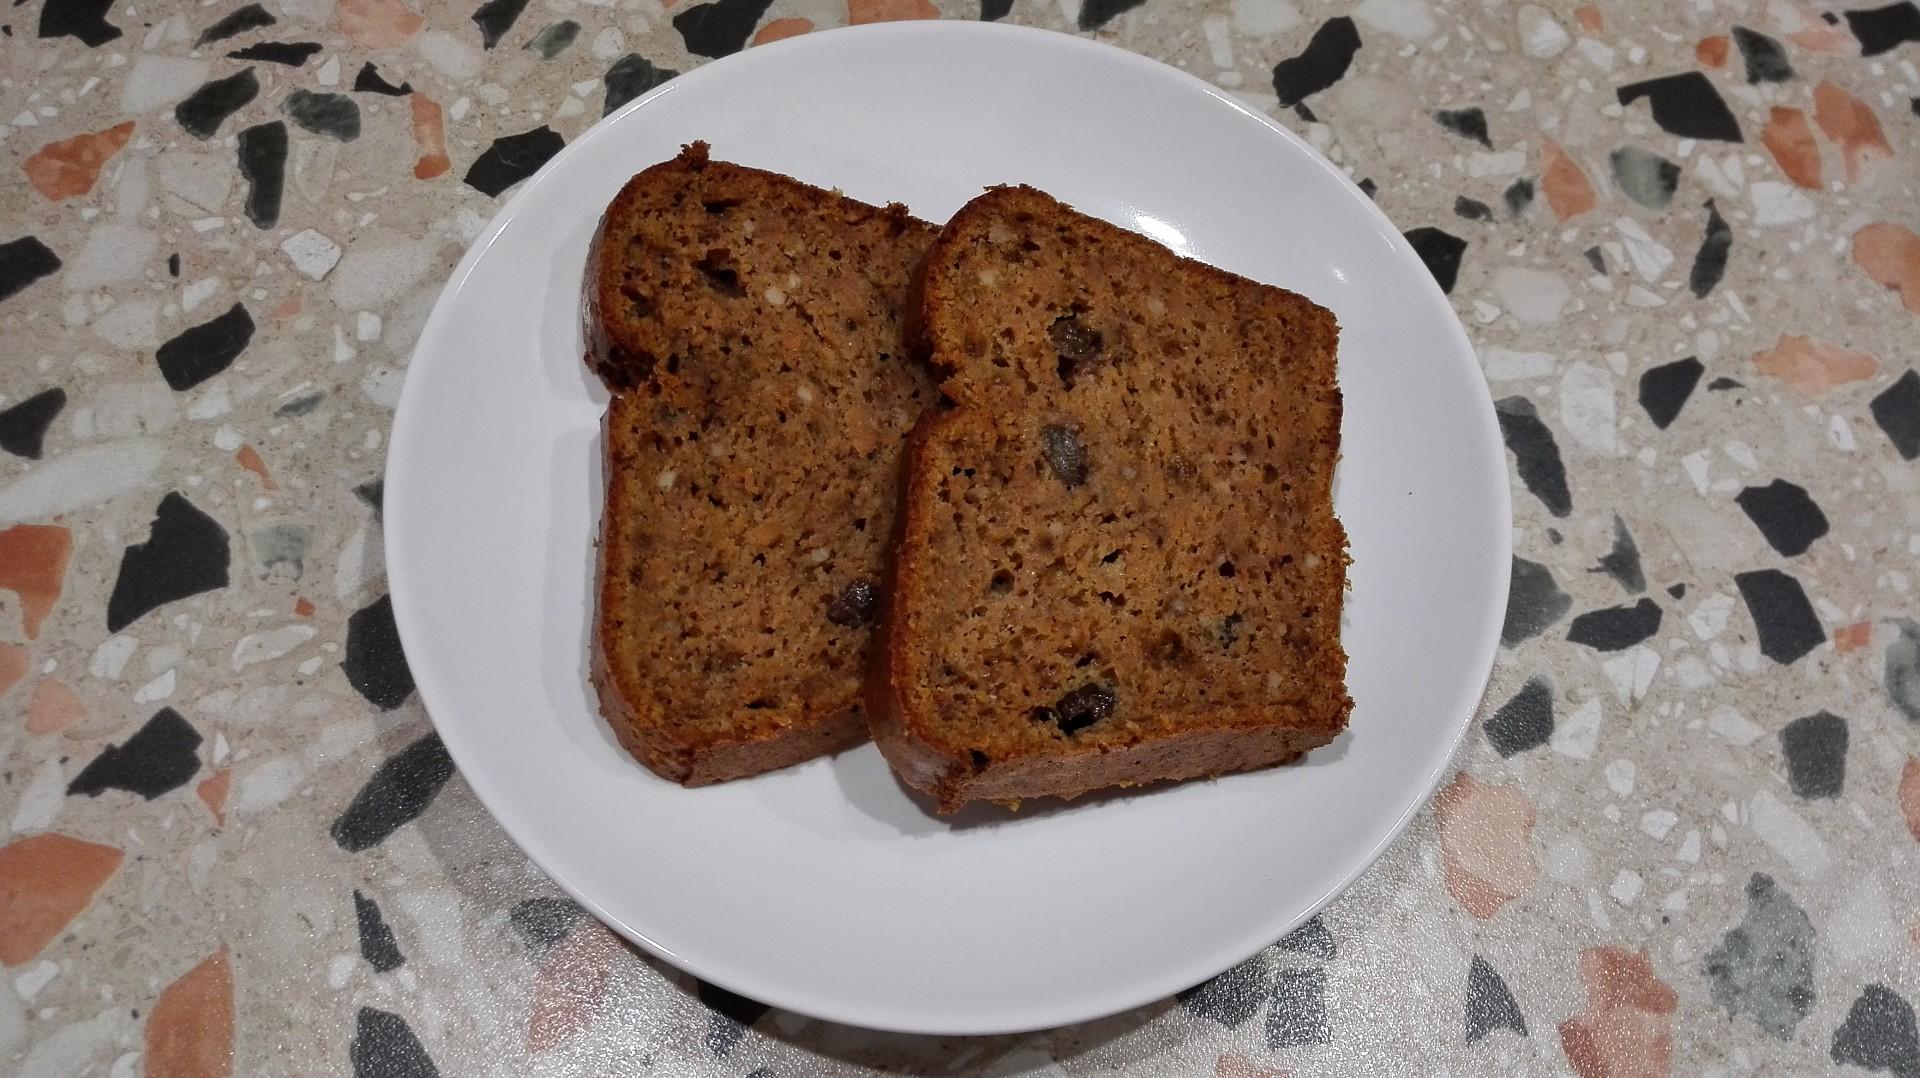 Mrkvový chlebíček podle Břicháče Toma recept